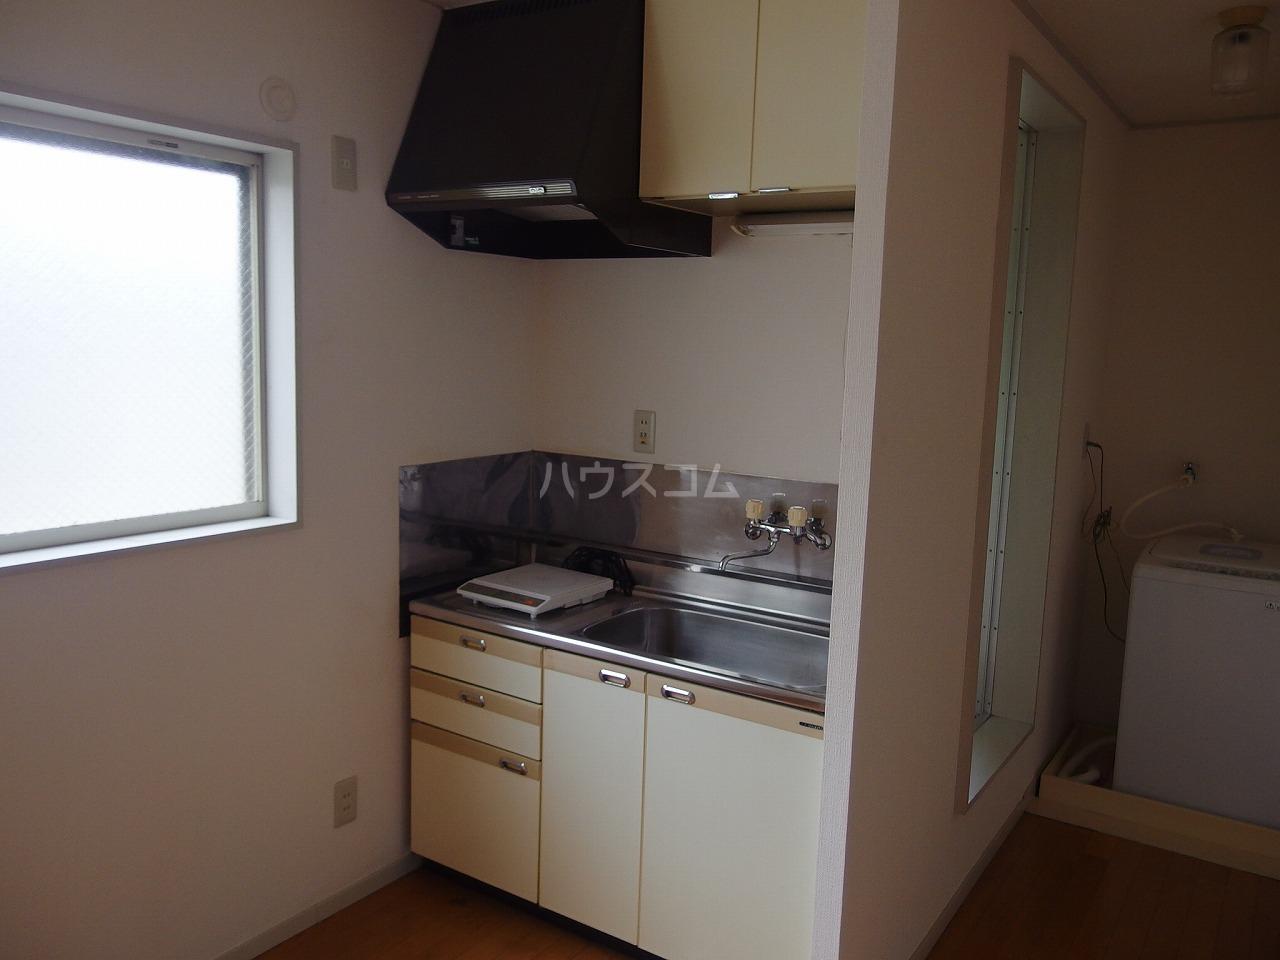 レオパレス南野 200号室のキッチン